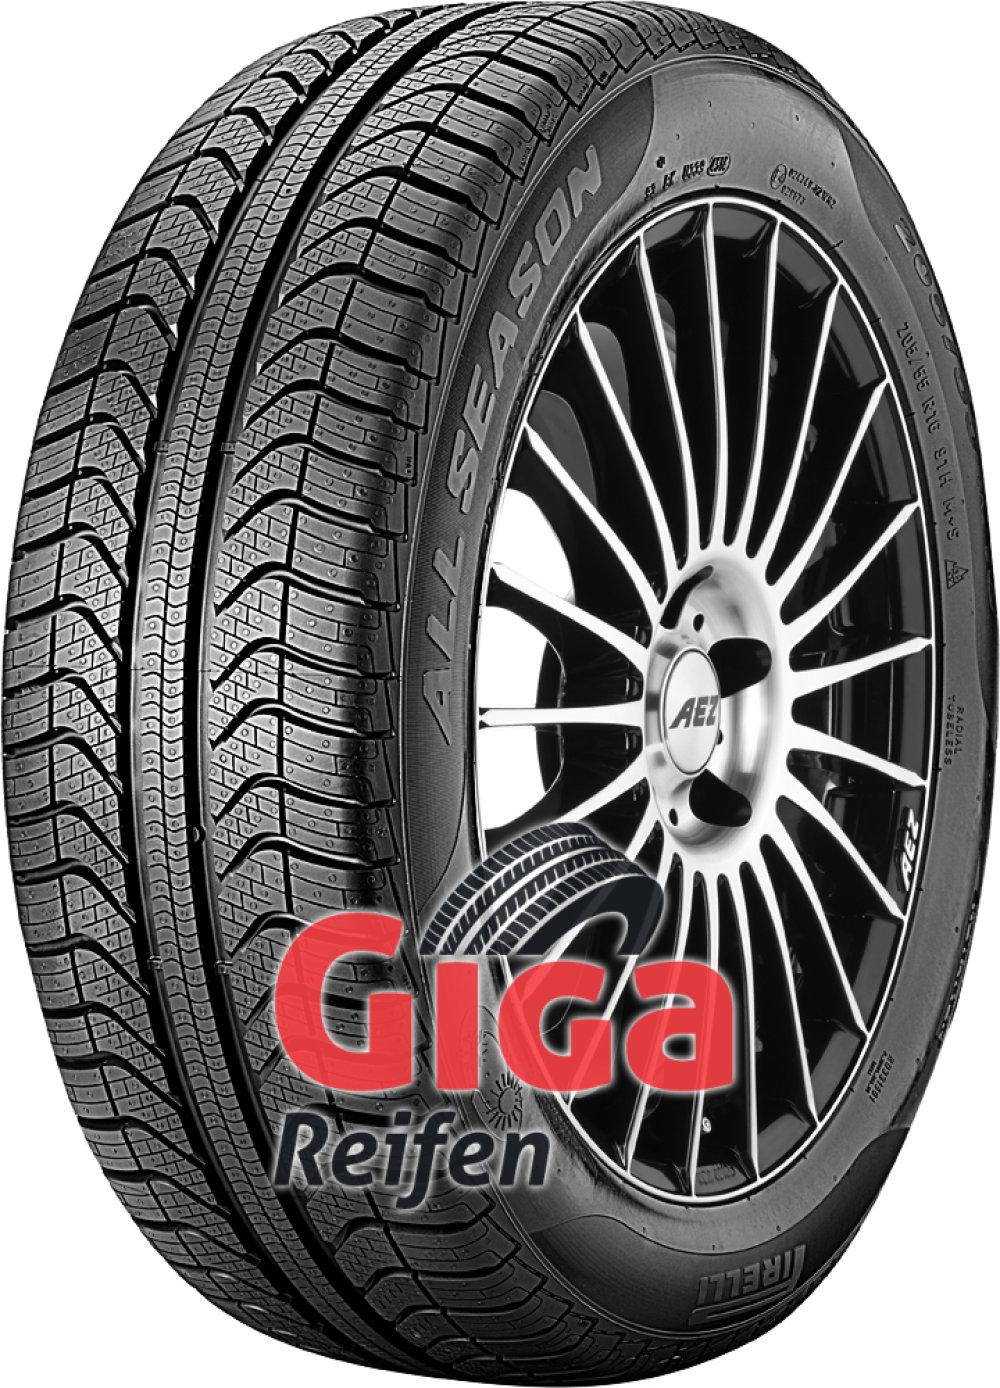 Pirelli Cinturato All Season ( 215/55 R16 97V XL , Seal Inside, mit Felgenschutz (MFS) )